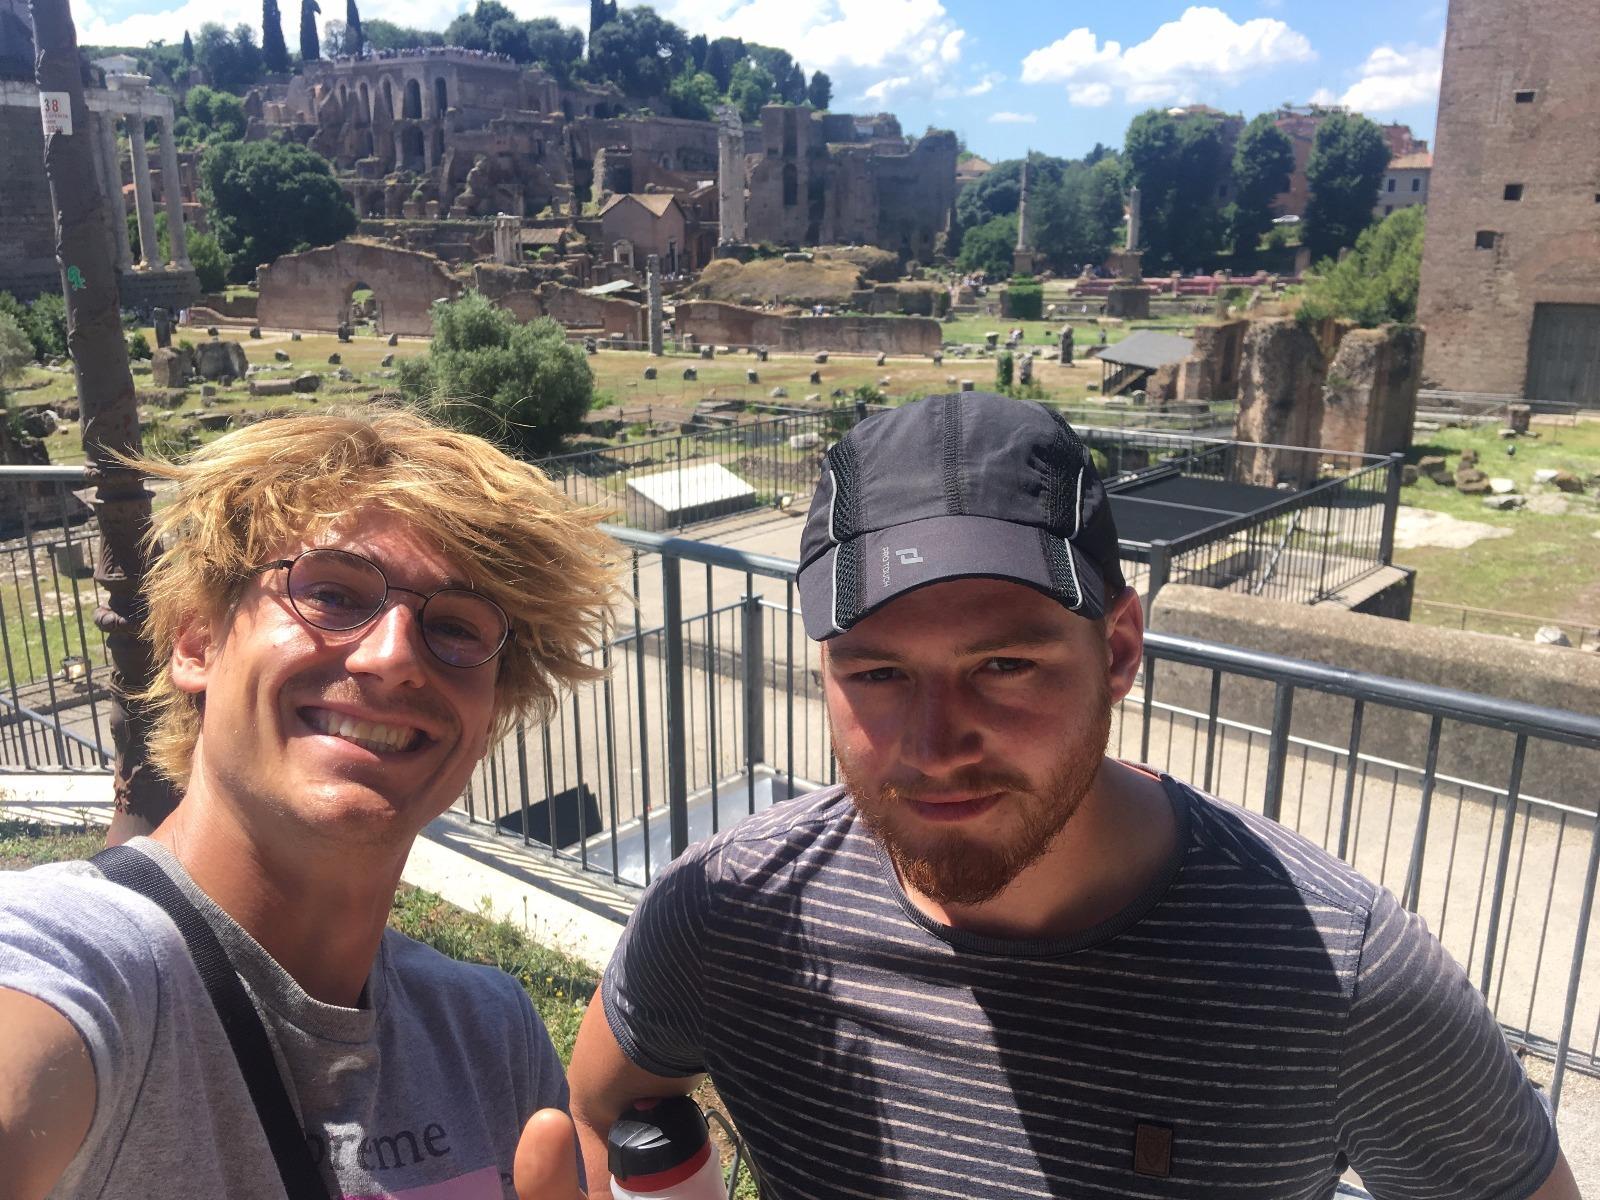 Obligatorischer Touristopp: Hannes und Philipp im Forum Romanum.